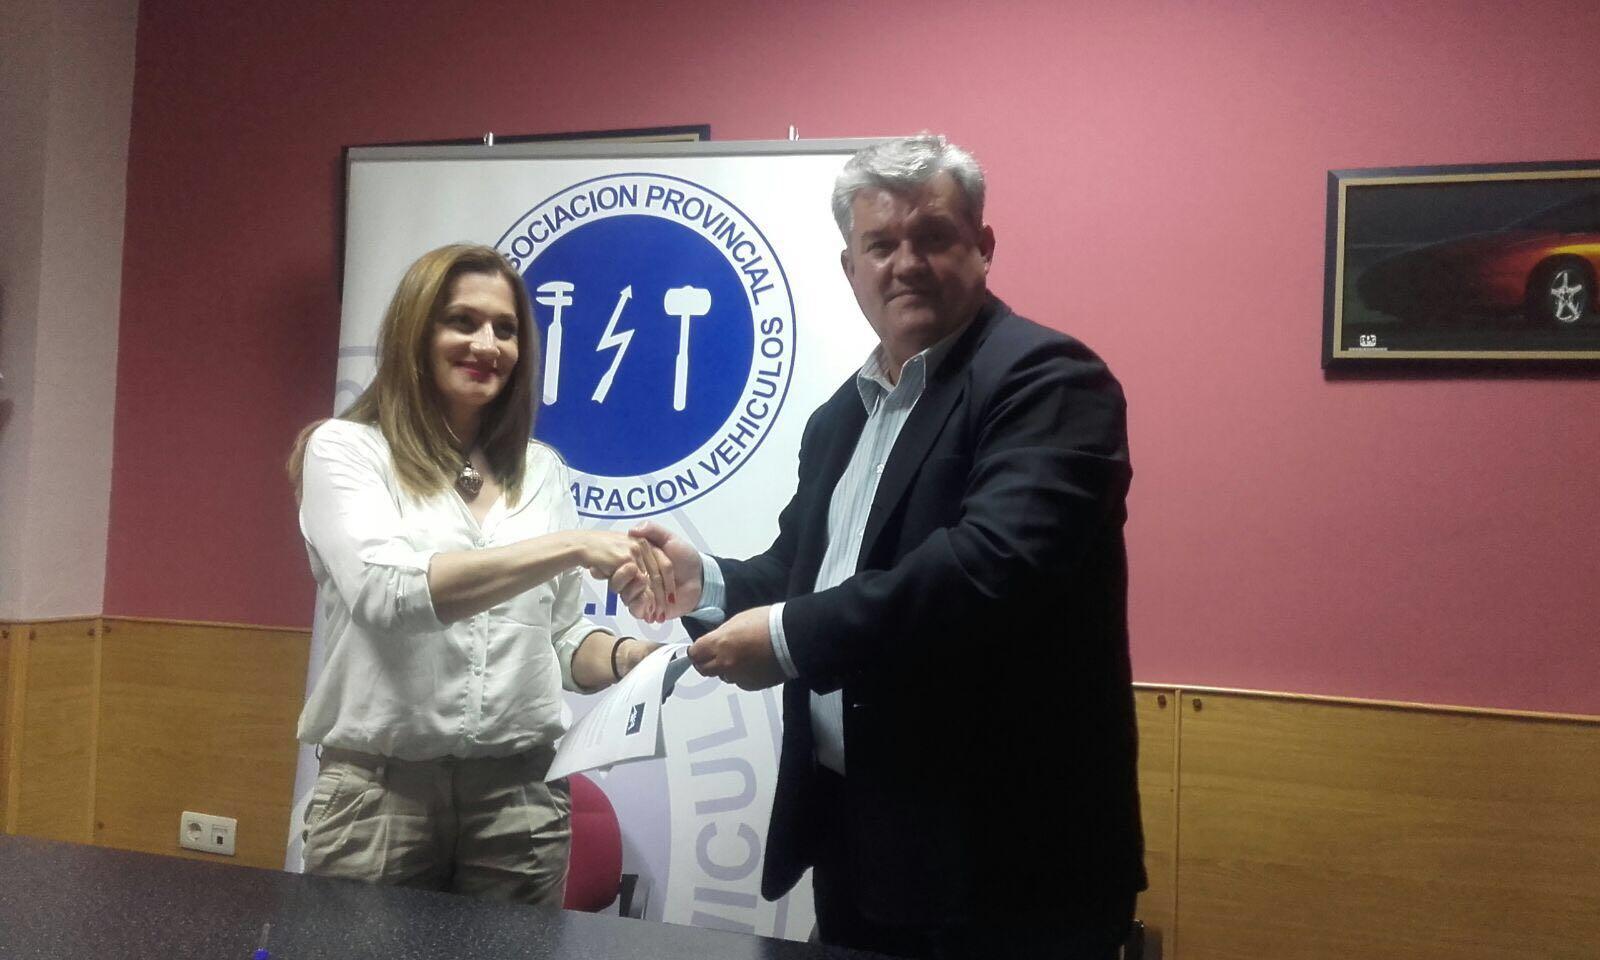 El presidente de APETREVA, Antonio Antienzar y la agente especialista de AXA Seguros, Lydia Morcillo Flores